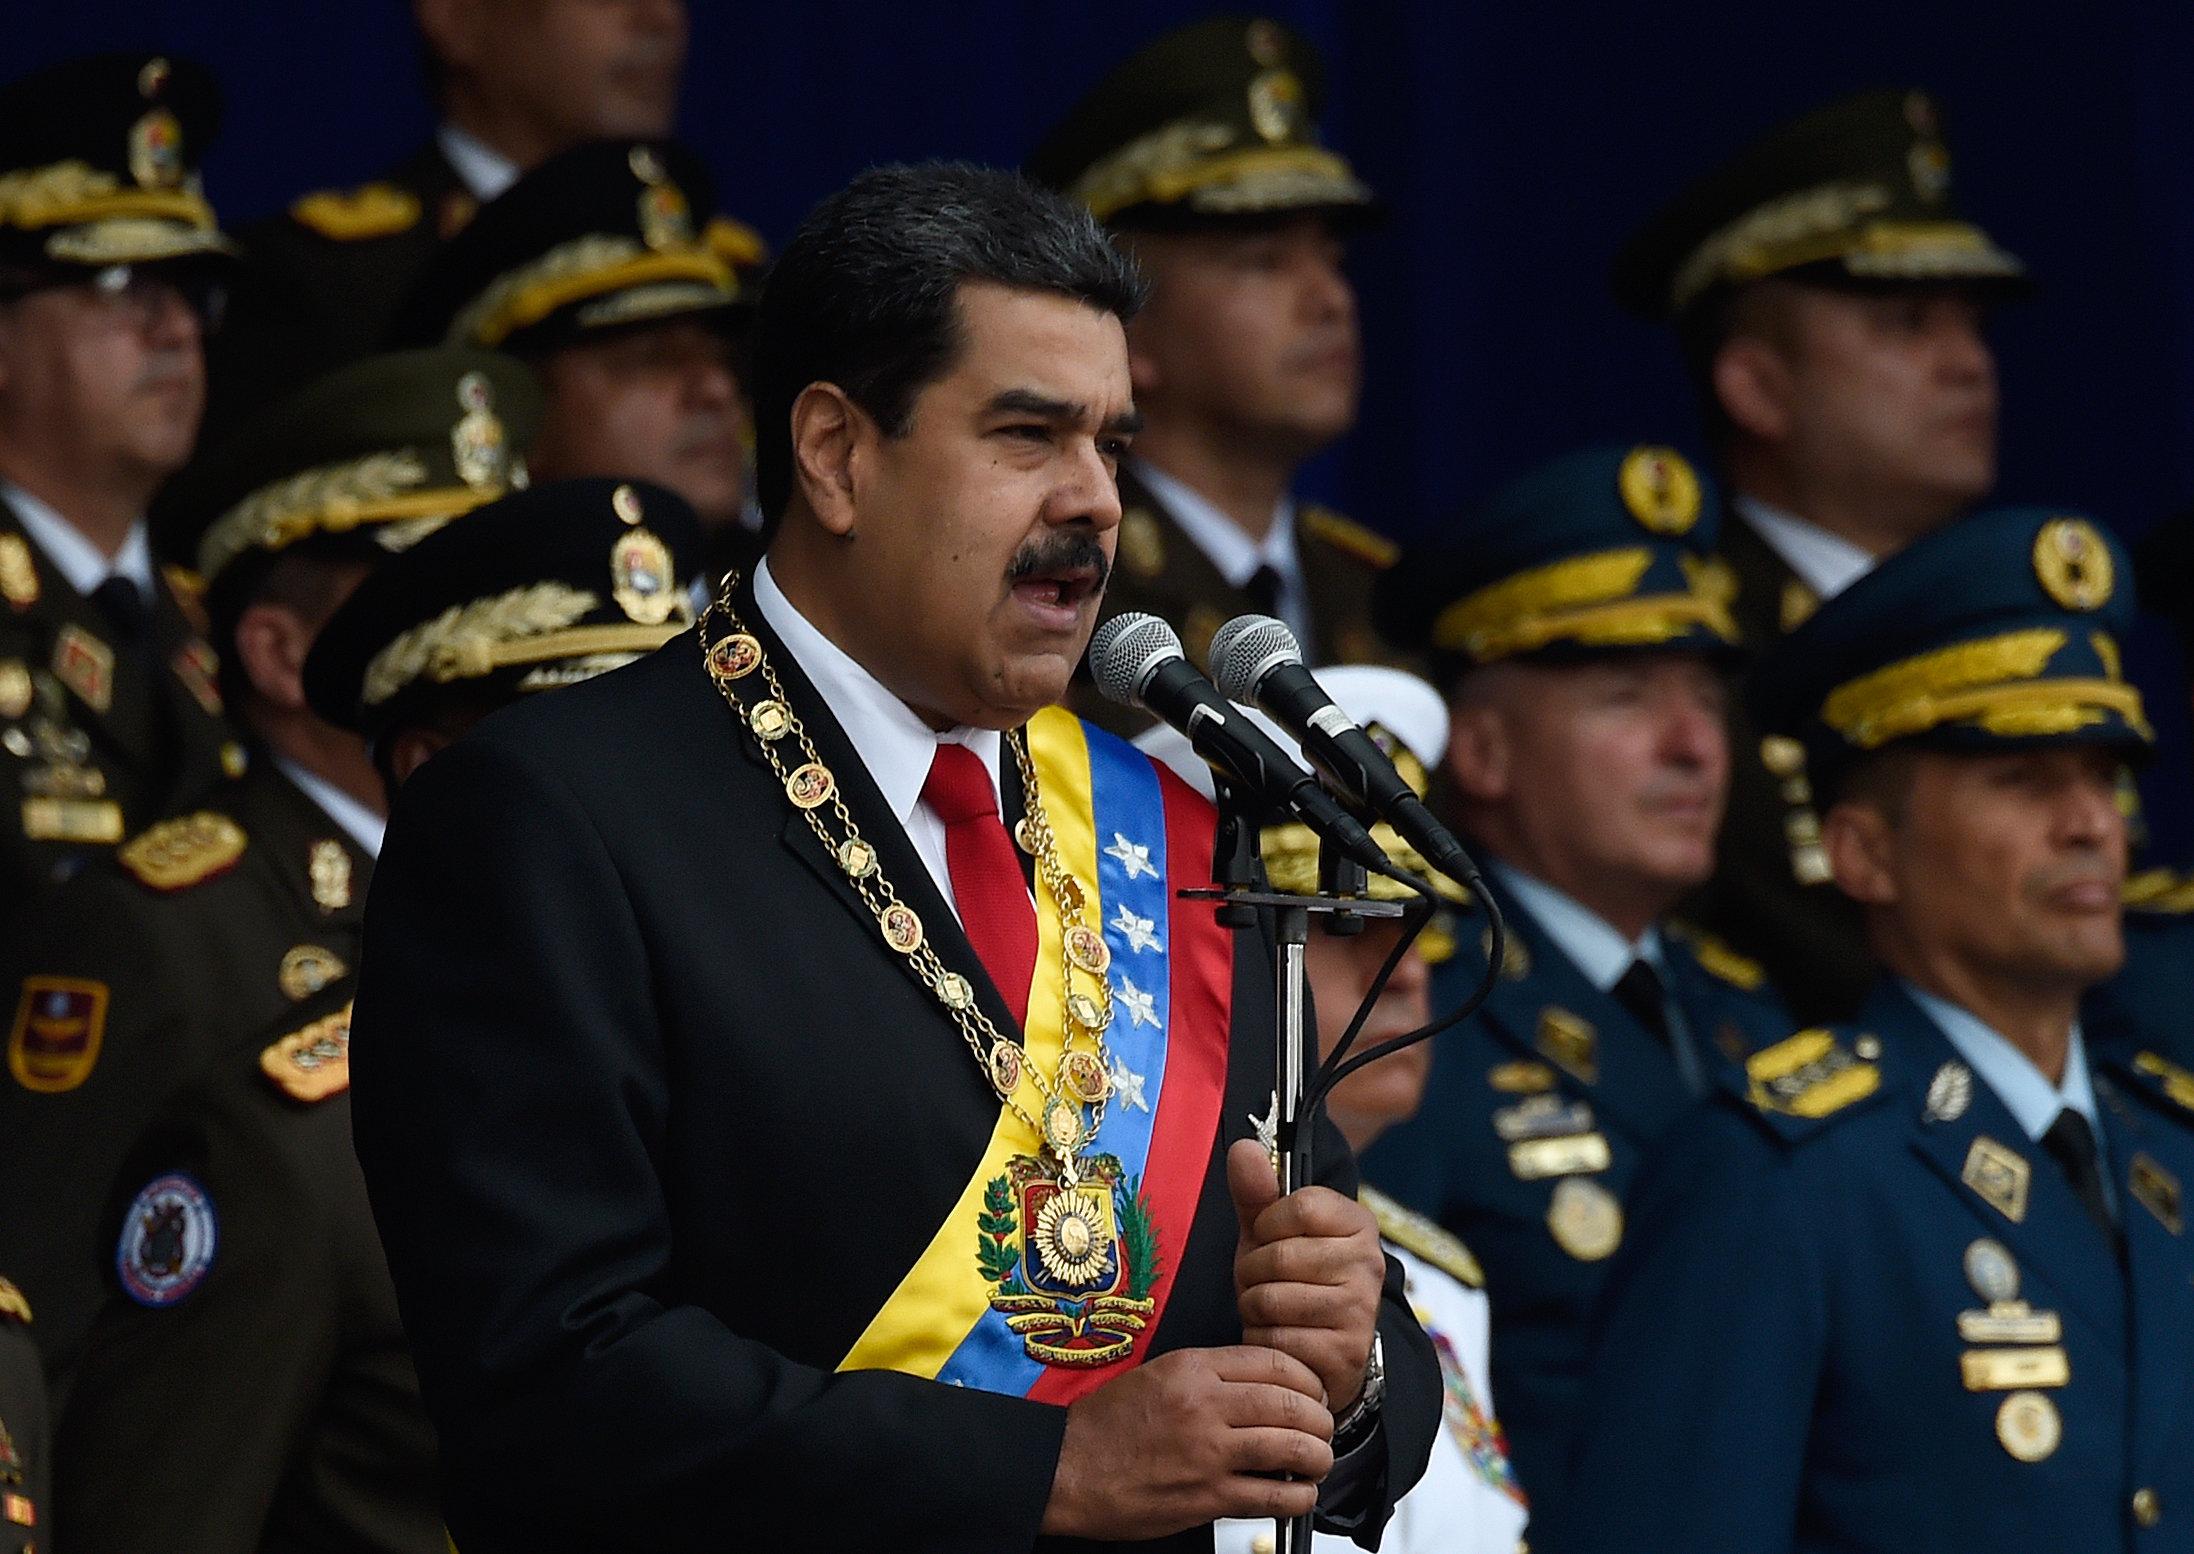 «Απόπειρα δολοφονίας» του προέδρου της Βενεζουέλας, Νικολά Μαδούρο. Οργάνωση ανταρτών ανέλαβε την ευθύνη, Κολομβία και ΗΠΑ δε...